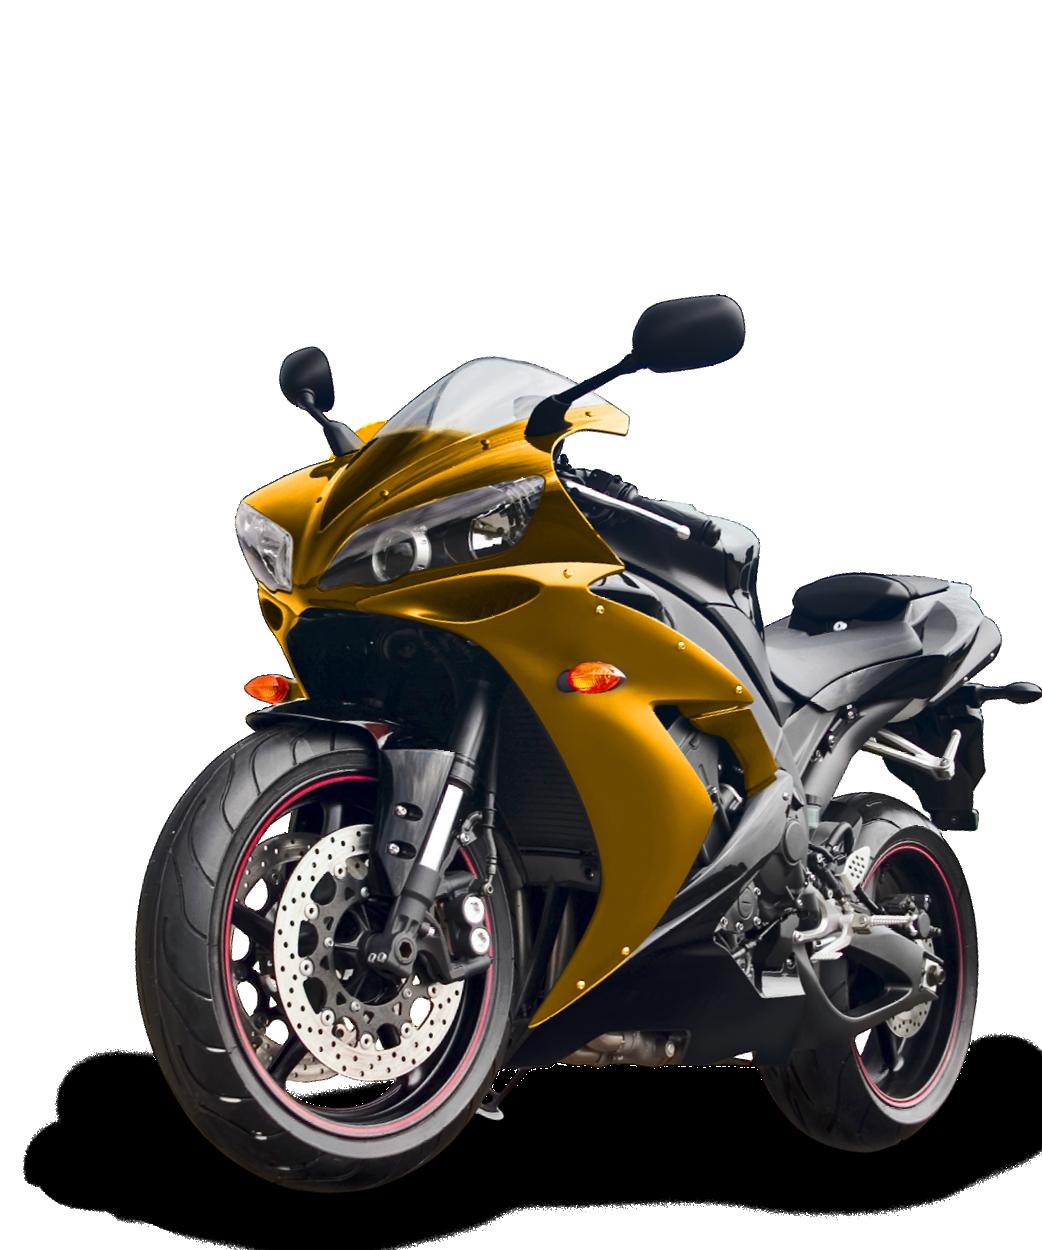 Motorradversicherung berechnen und vergleichen für Österreich.